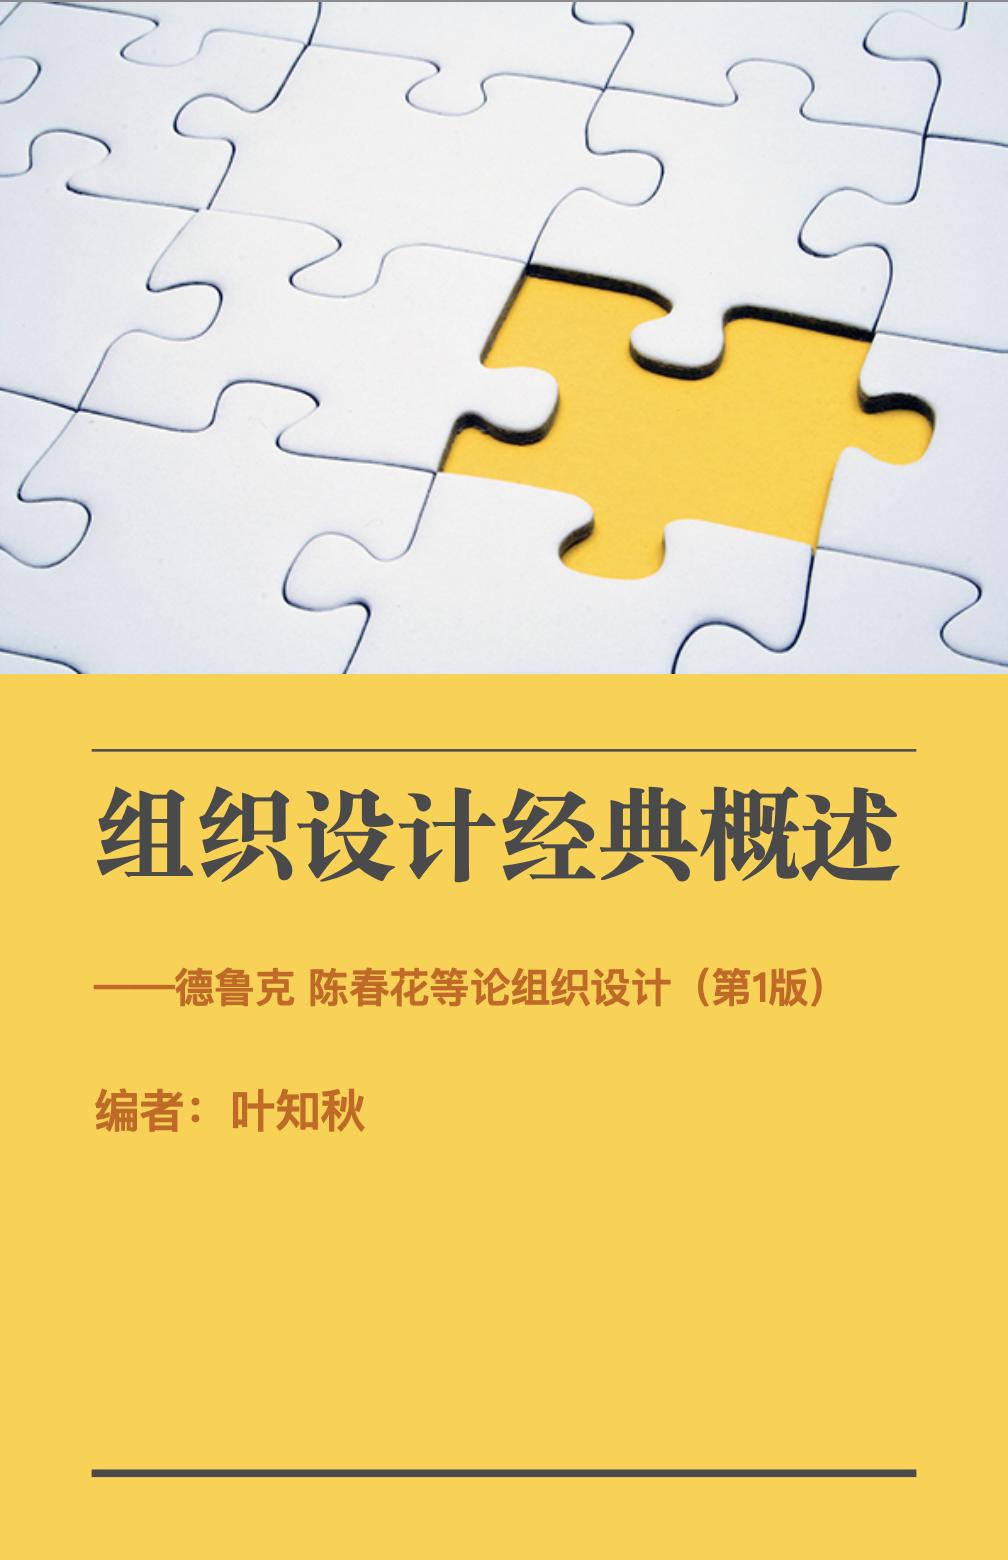 自编epub书籍下载《组织设计经典概述》